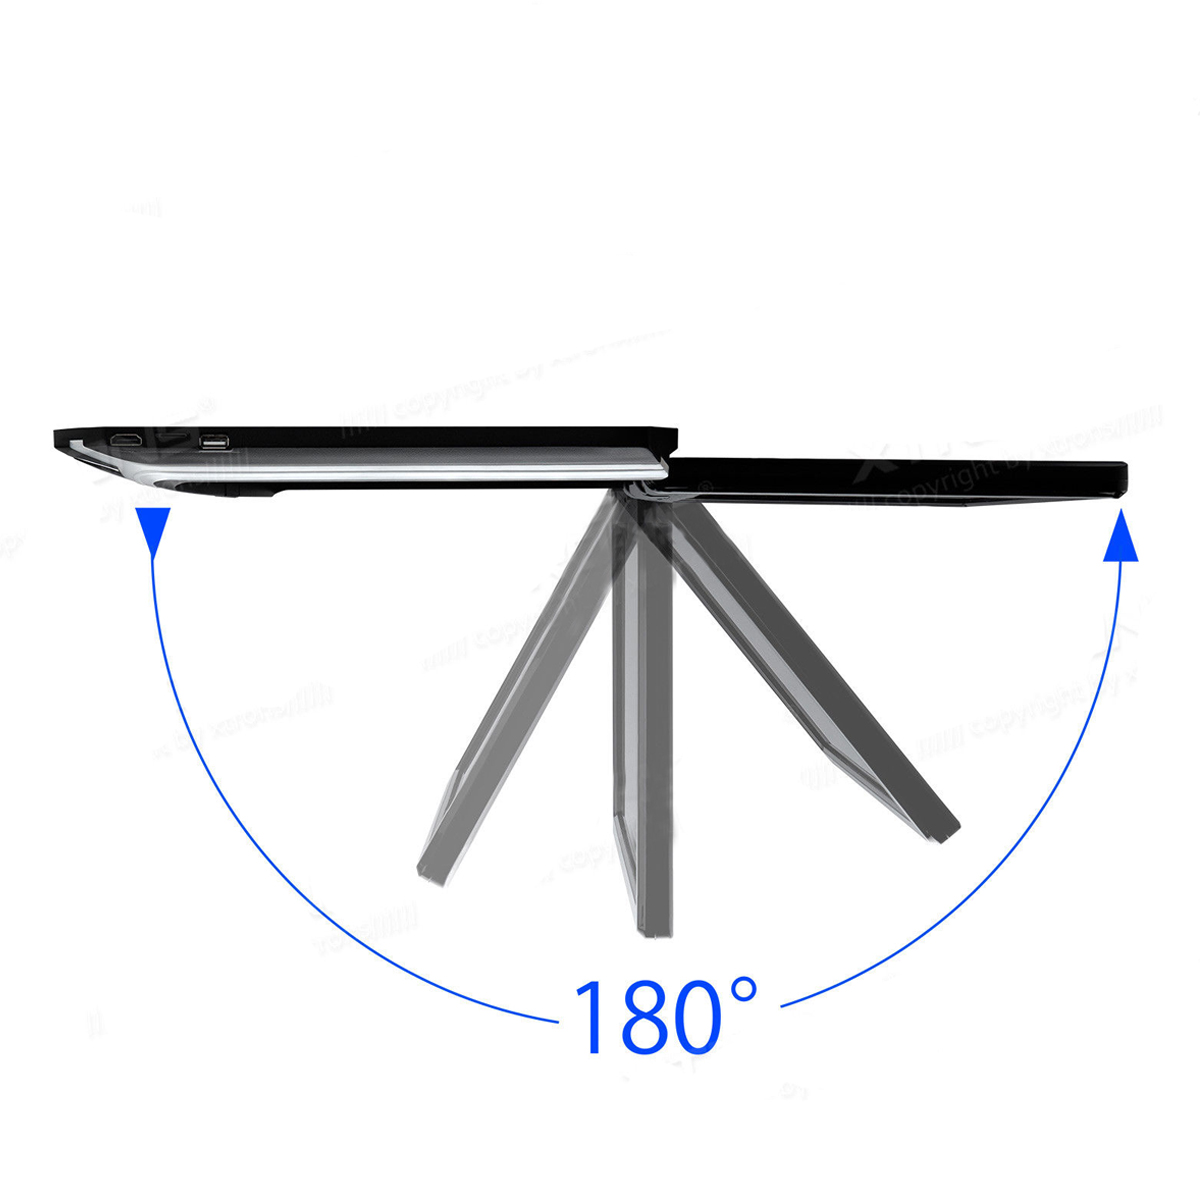 Reproductor de DVD de pantalla ancha HD de 15,6 pulgadas para coche, reproductor de montaje en techo de coche HDMI abatible hacia abajo para Monitor 1920*1080 - 4